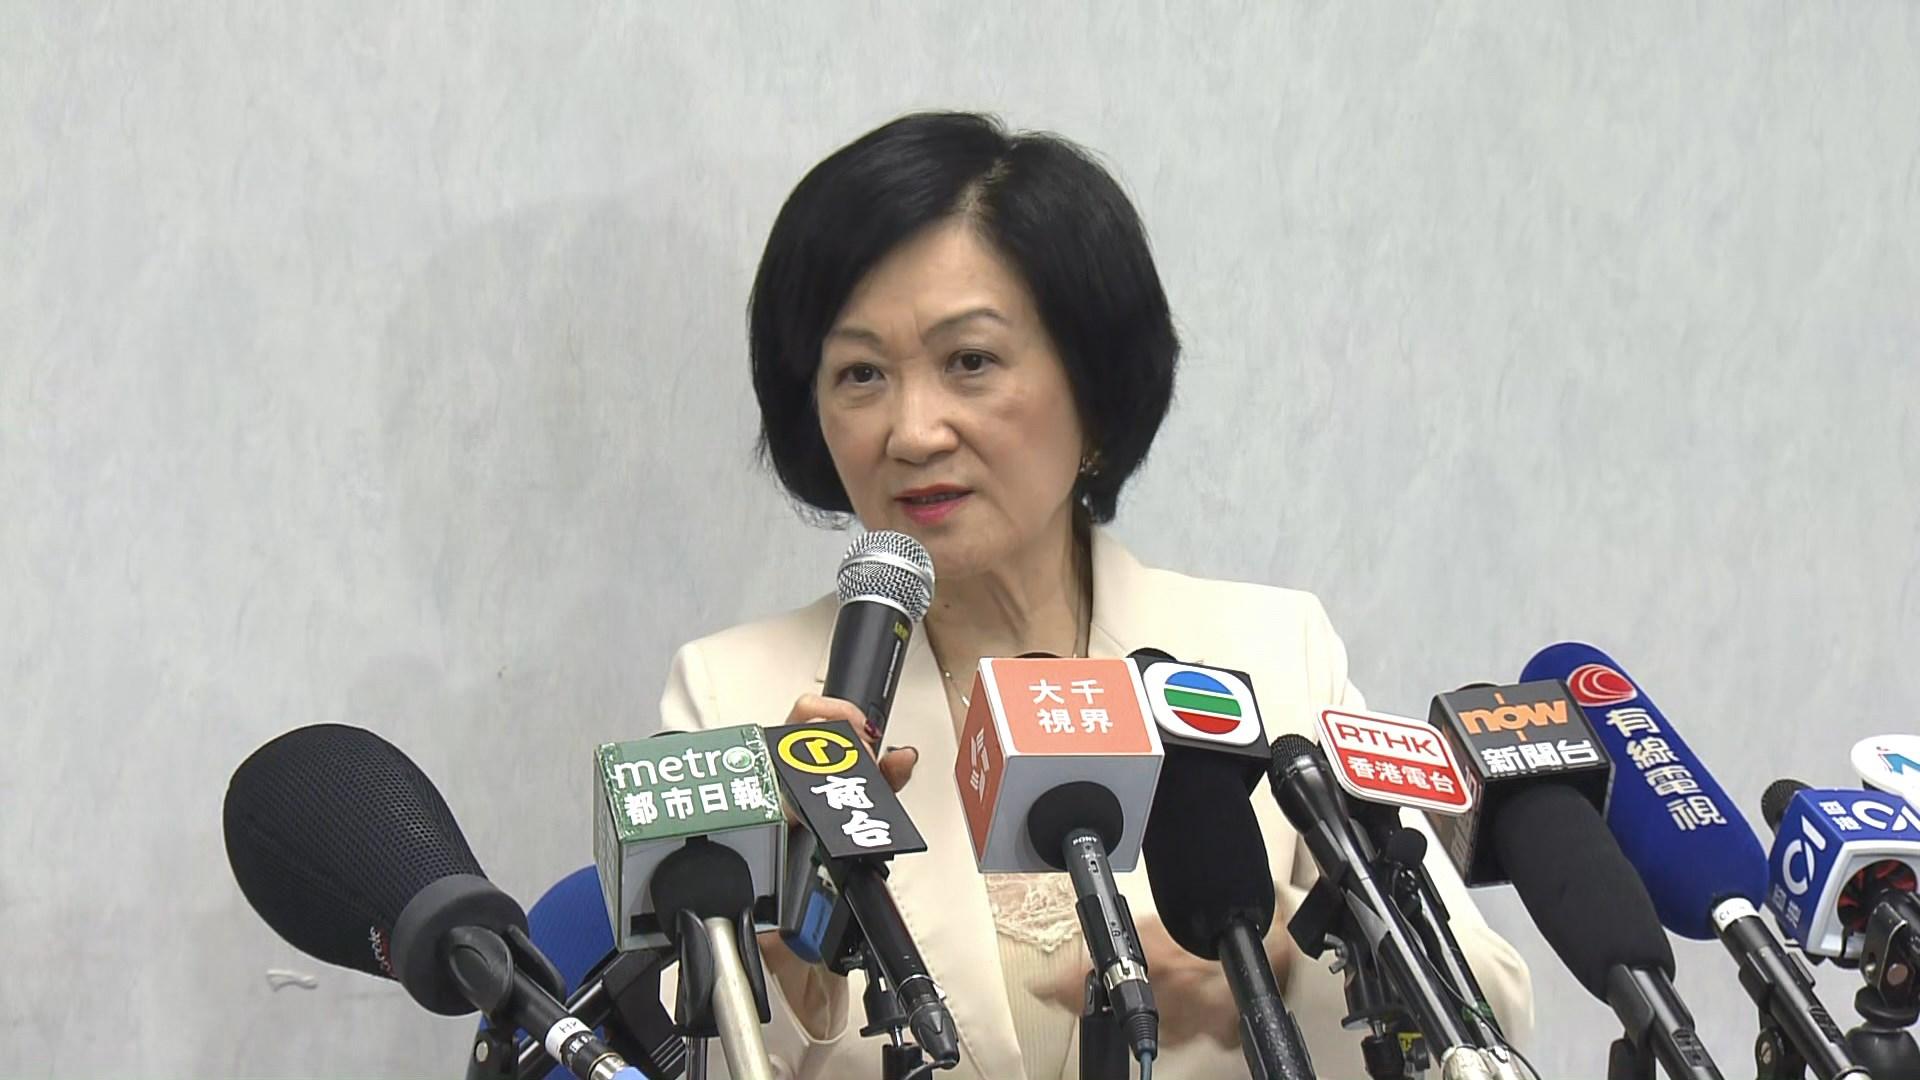 葉劉淑儀:田北俊在政壇失勢 有酸葡萄心態